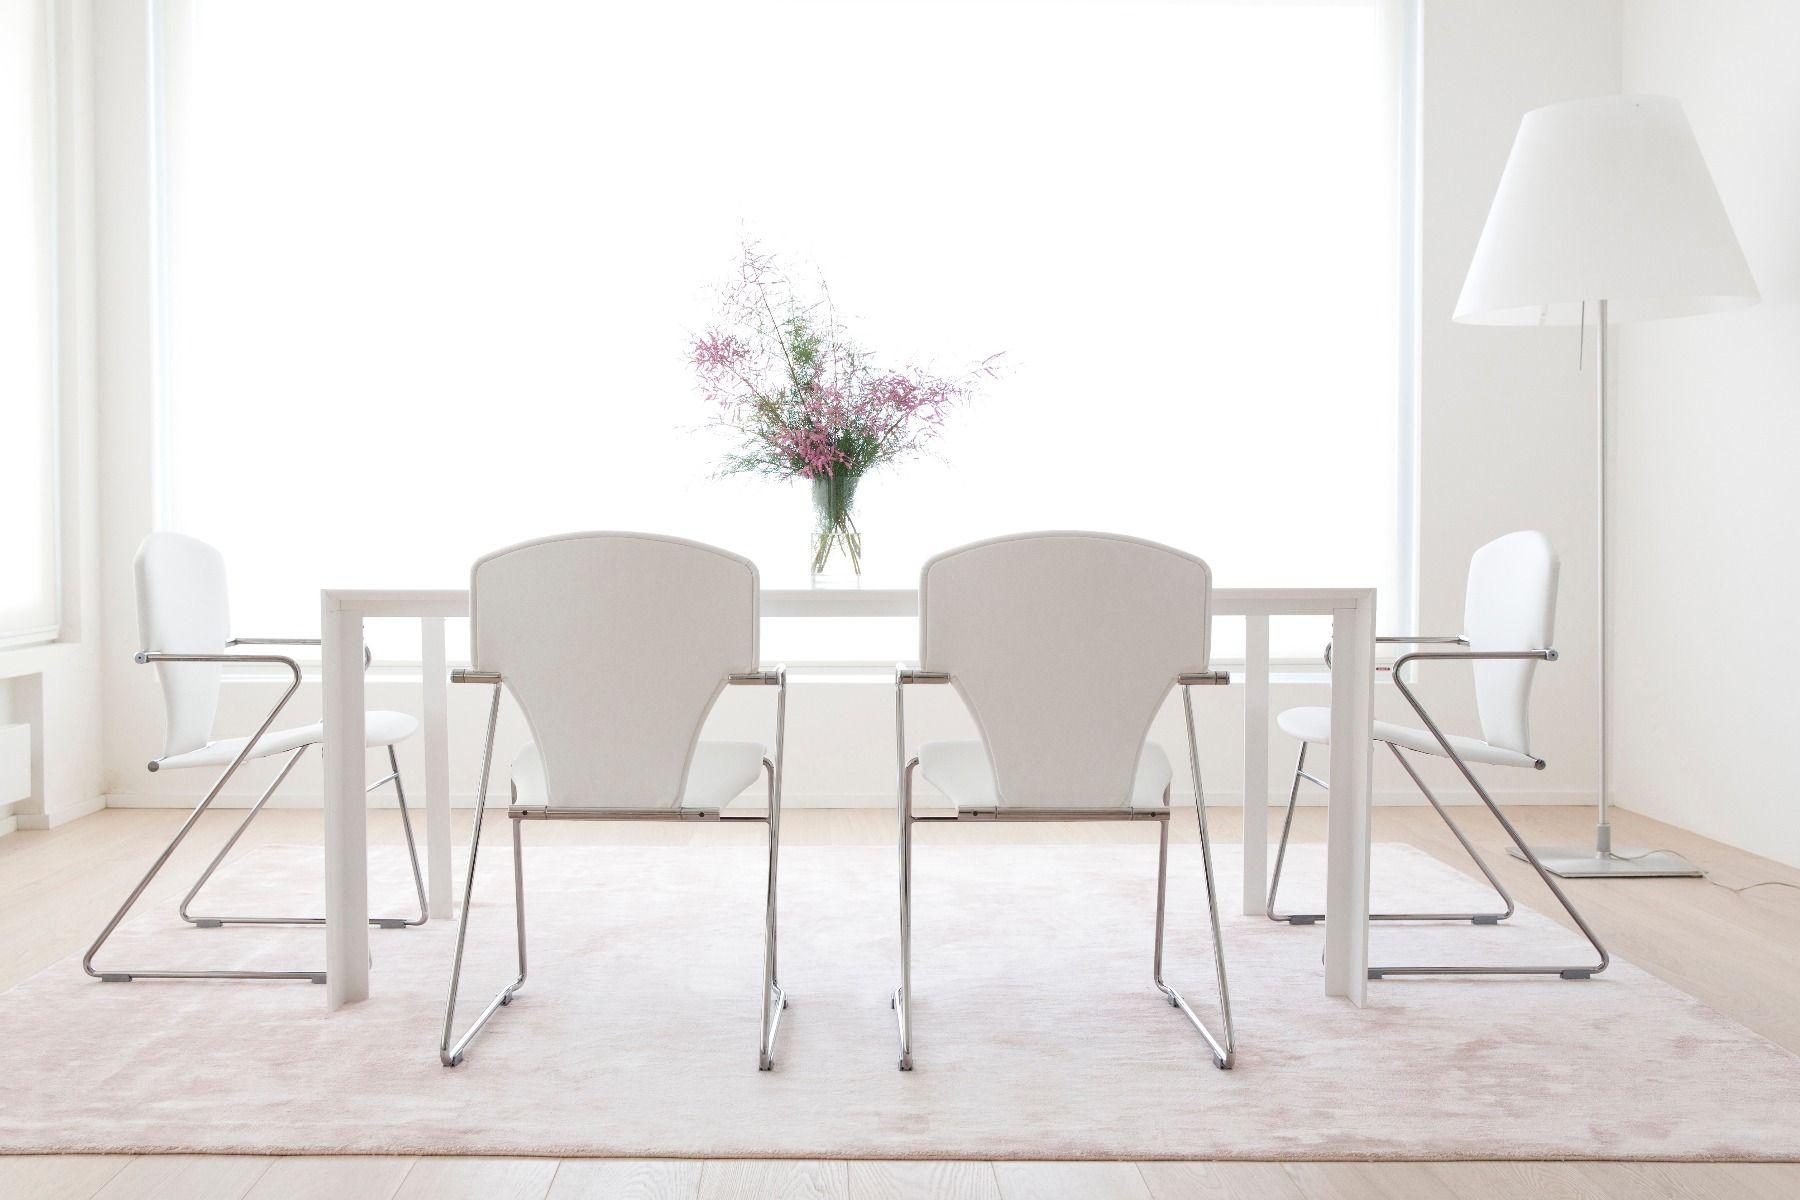 STUA Egoa Chair white in a white interior